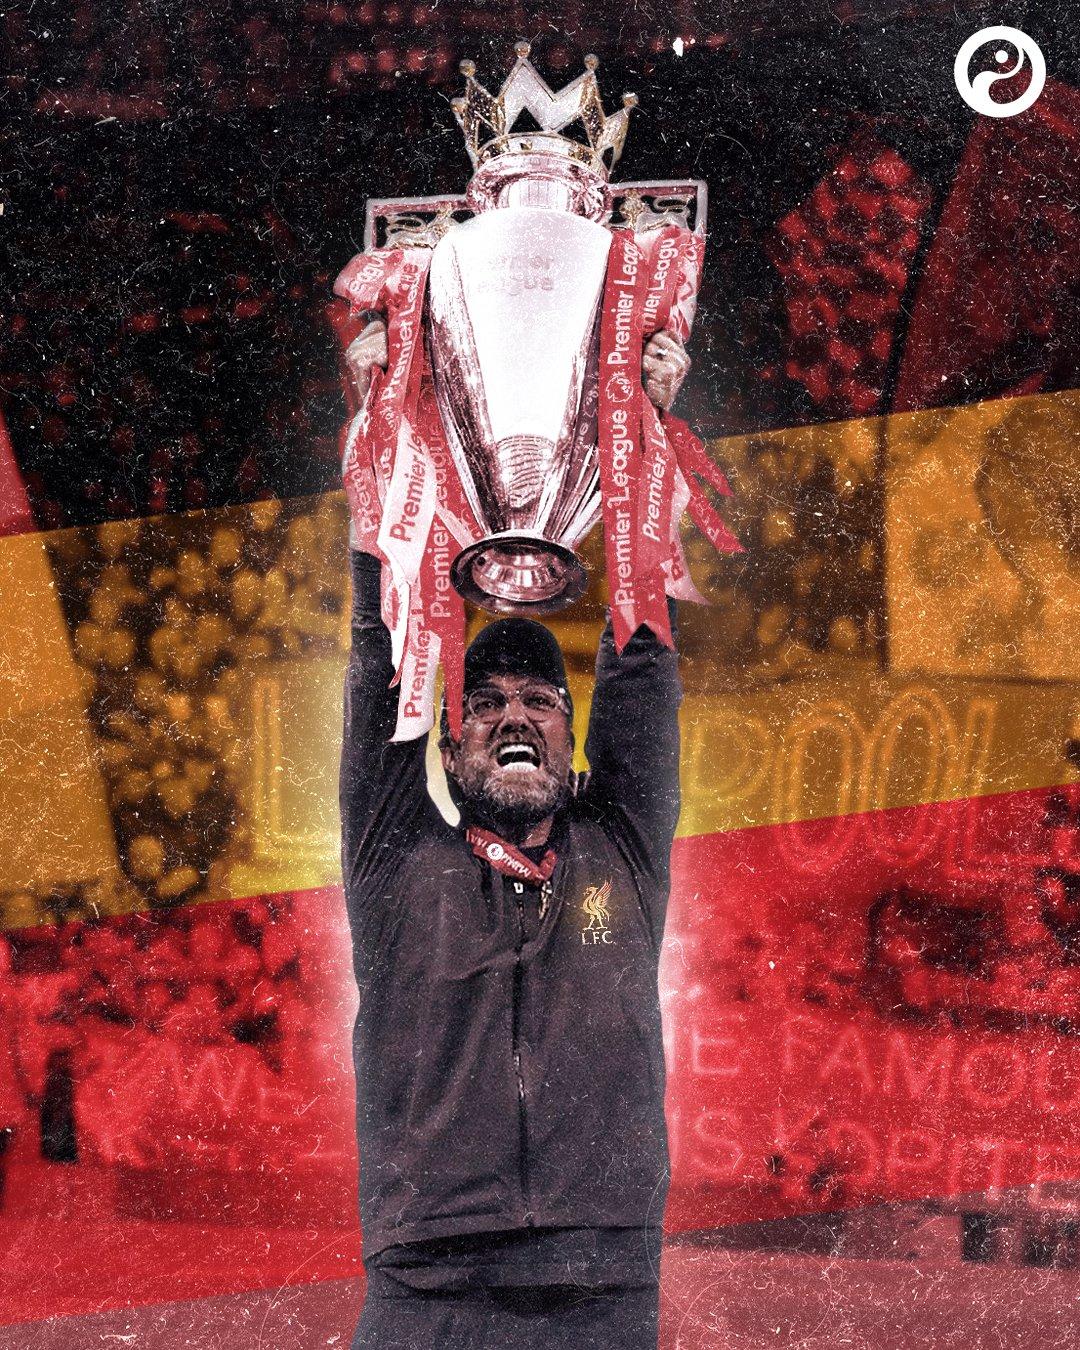 詹俊:红军球迷,让我们一起喊,利物浦是英超冠军